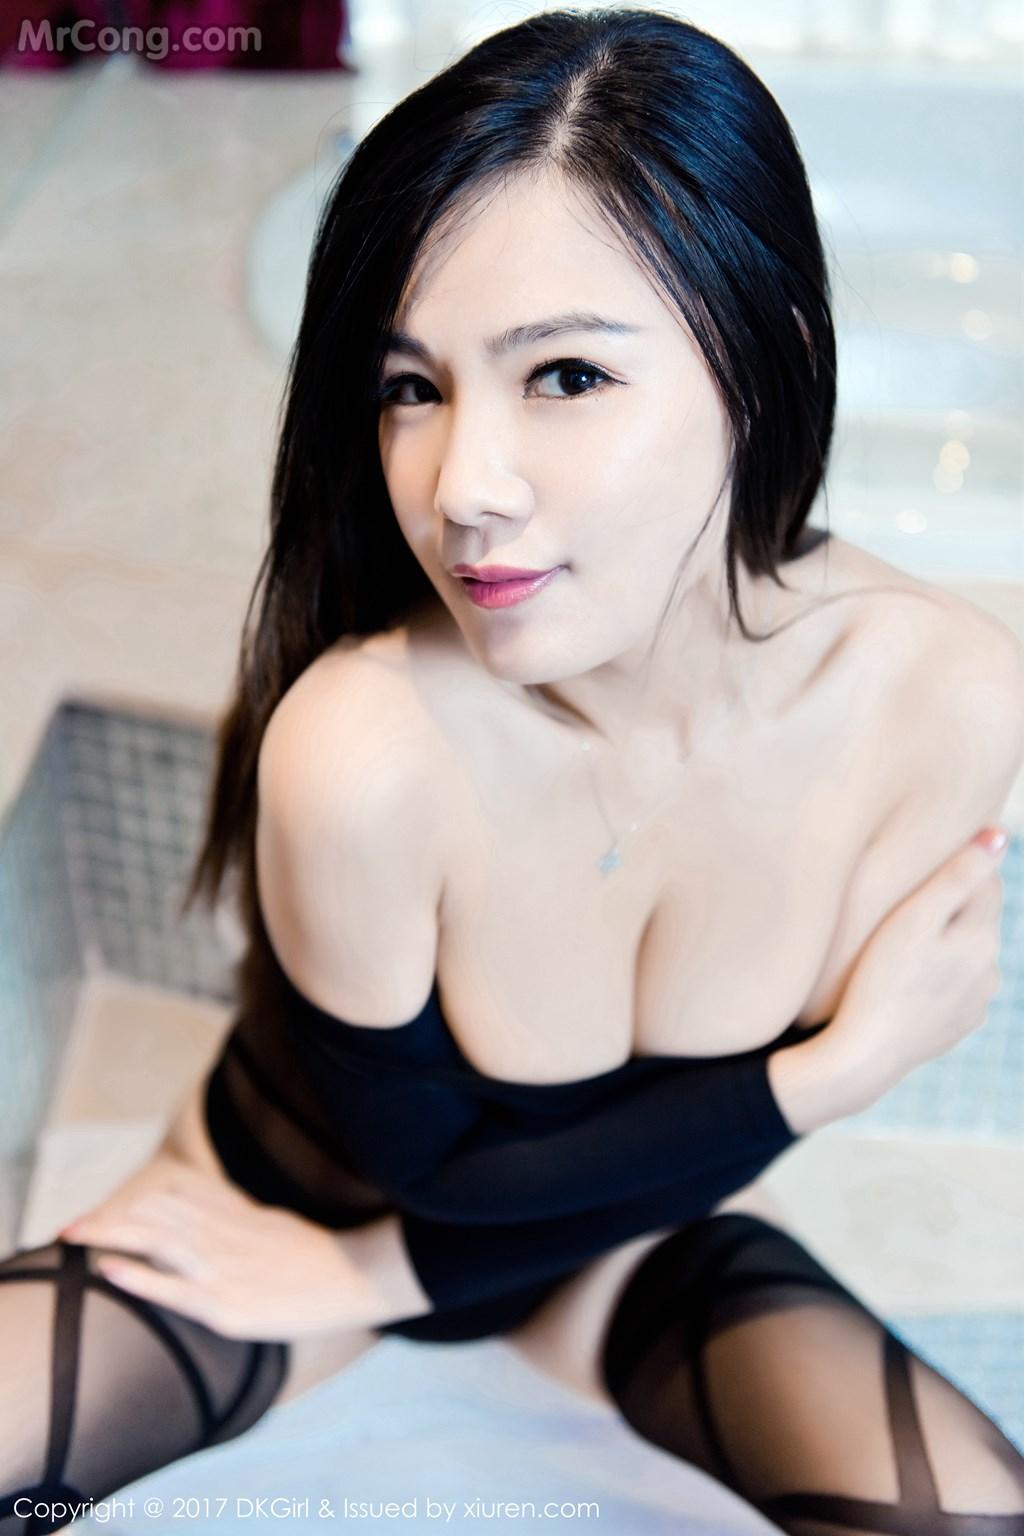 Người mẫu Ding Xiaonan với album ảnh sexy và quyến rũ 20